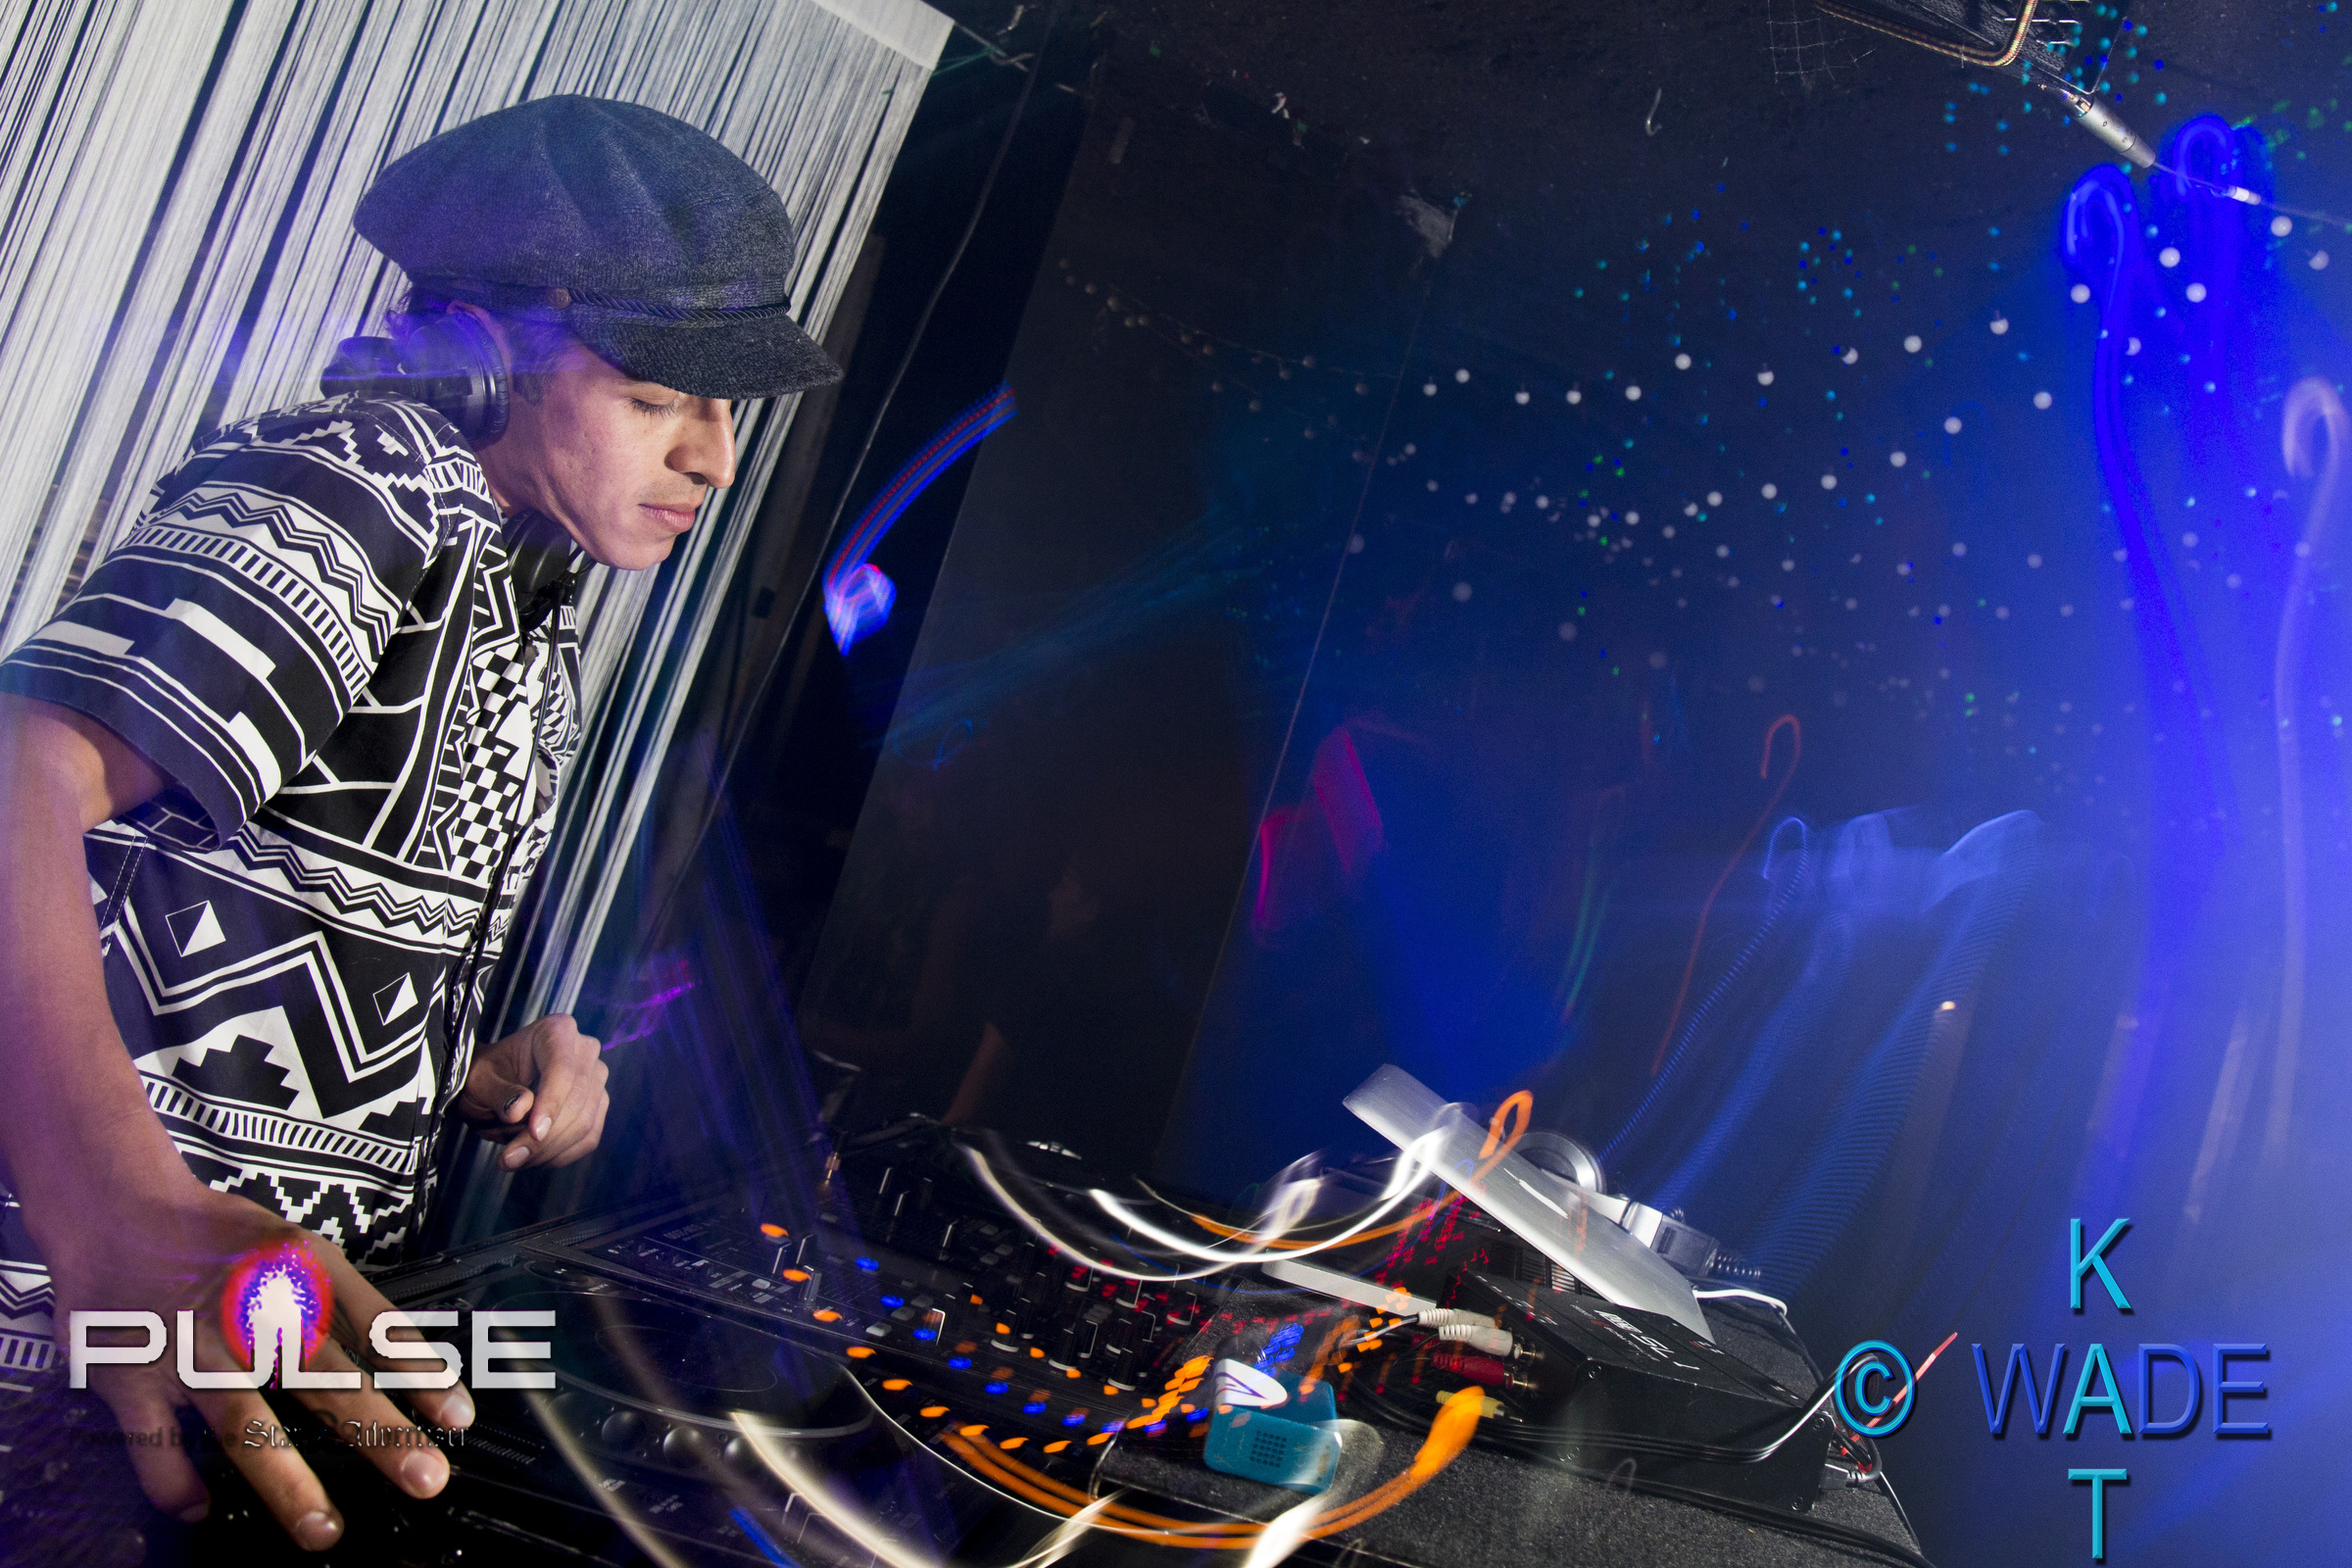 PUL DJ SOUNDSEX 05A